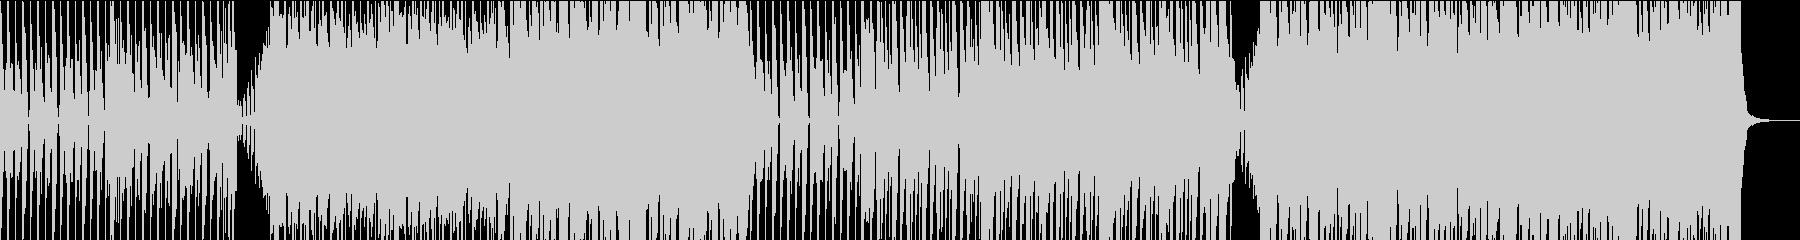 ポップ テクノ ファンク アクティ...の未再生の波形